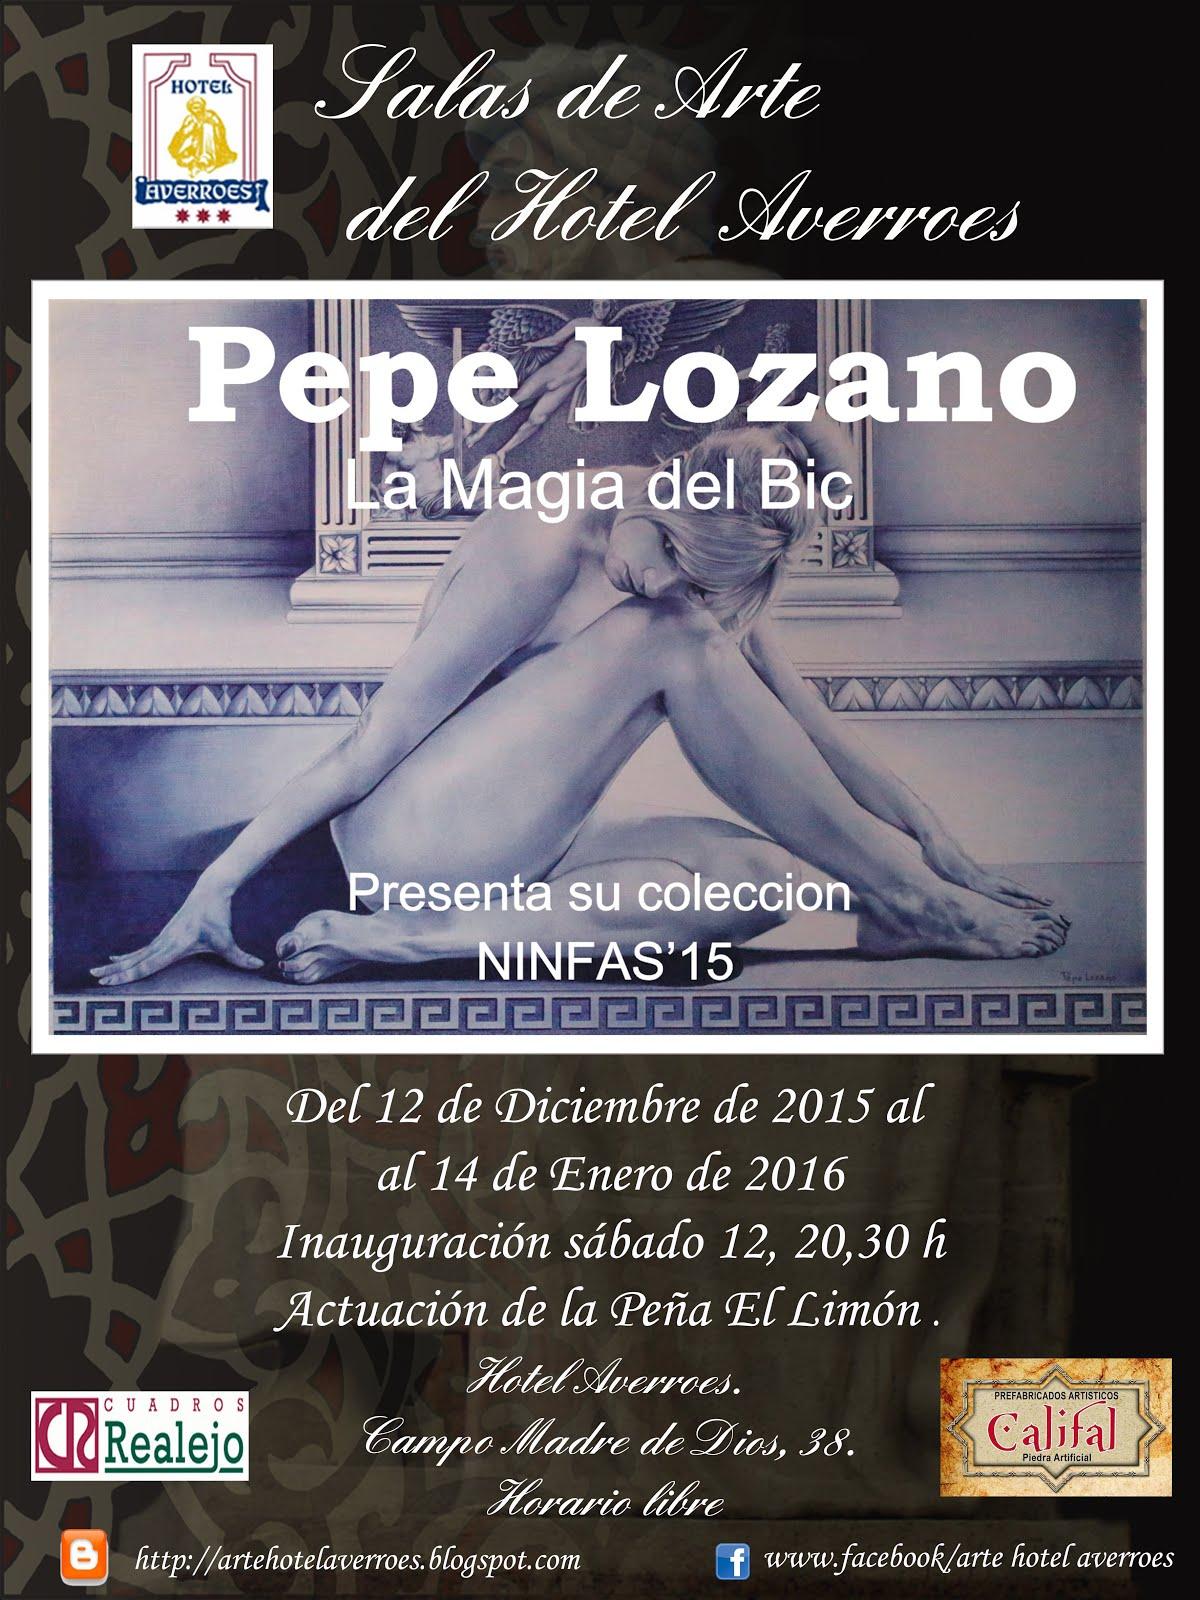 Diciembre: Pepe Lozano